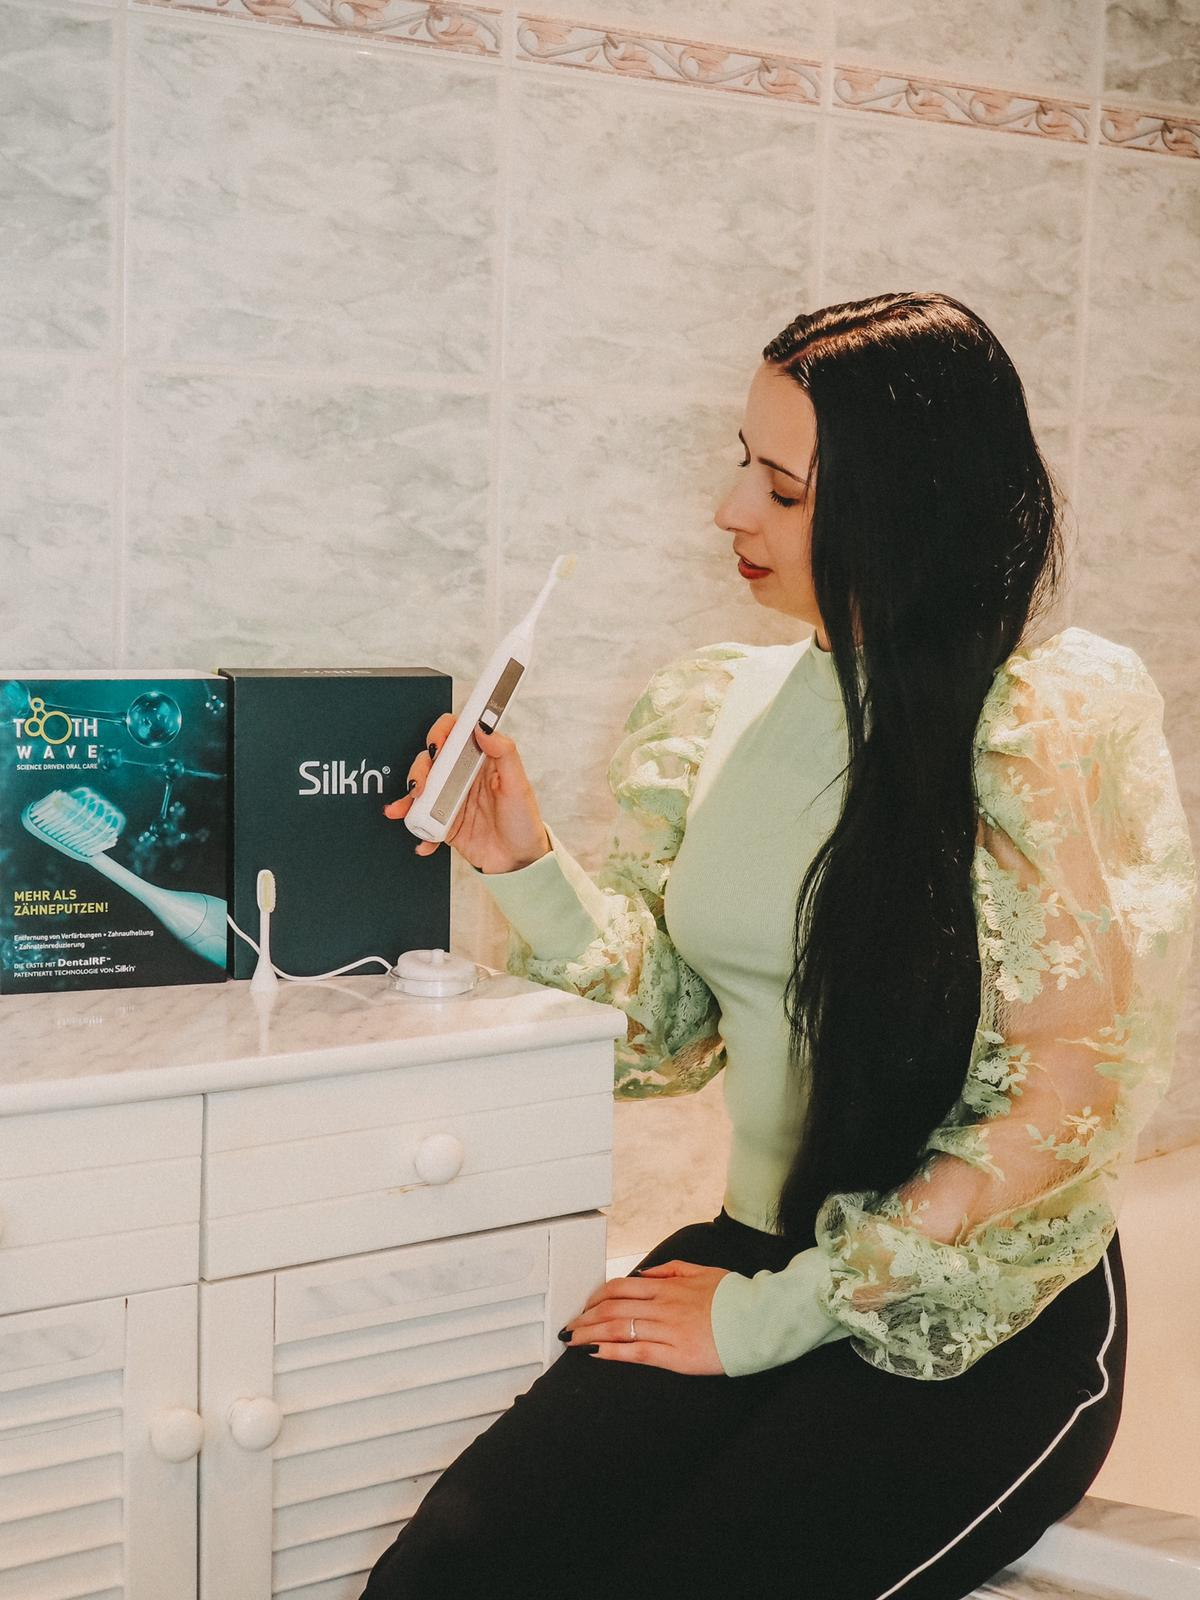 Zahnpflege kann so einfach sein mit der Silk'n ToothWave